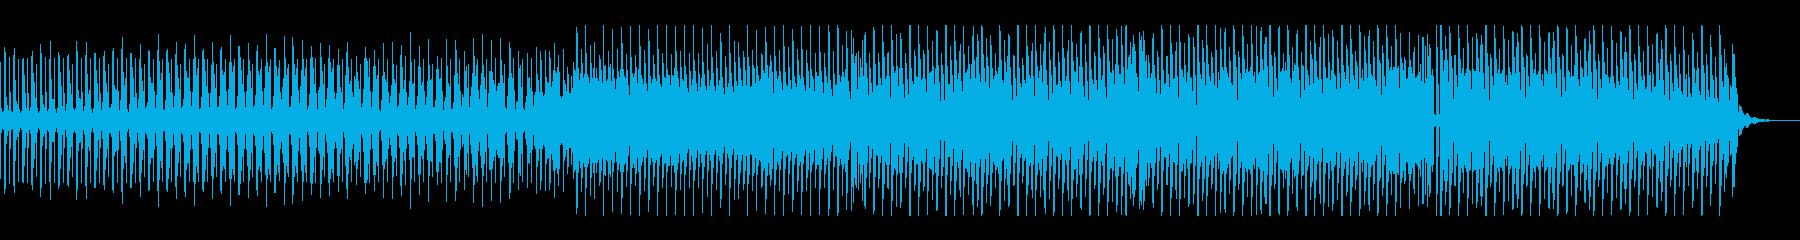 おしゃれなエレクトロスウィング02の再生済みの波形